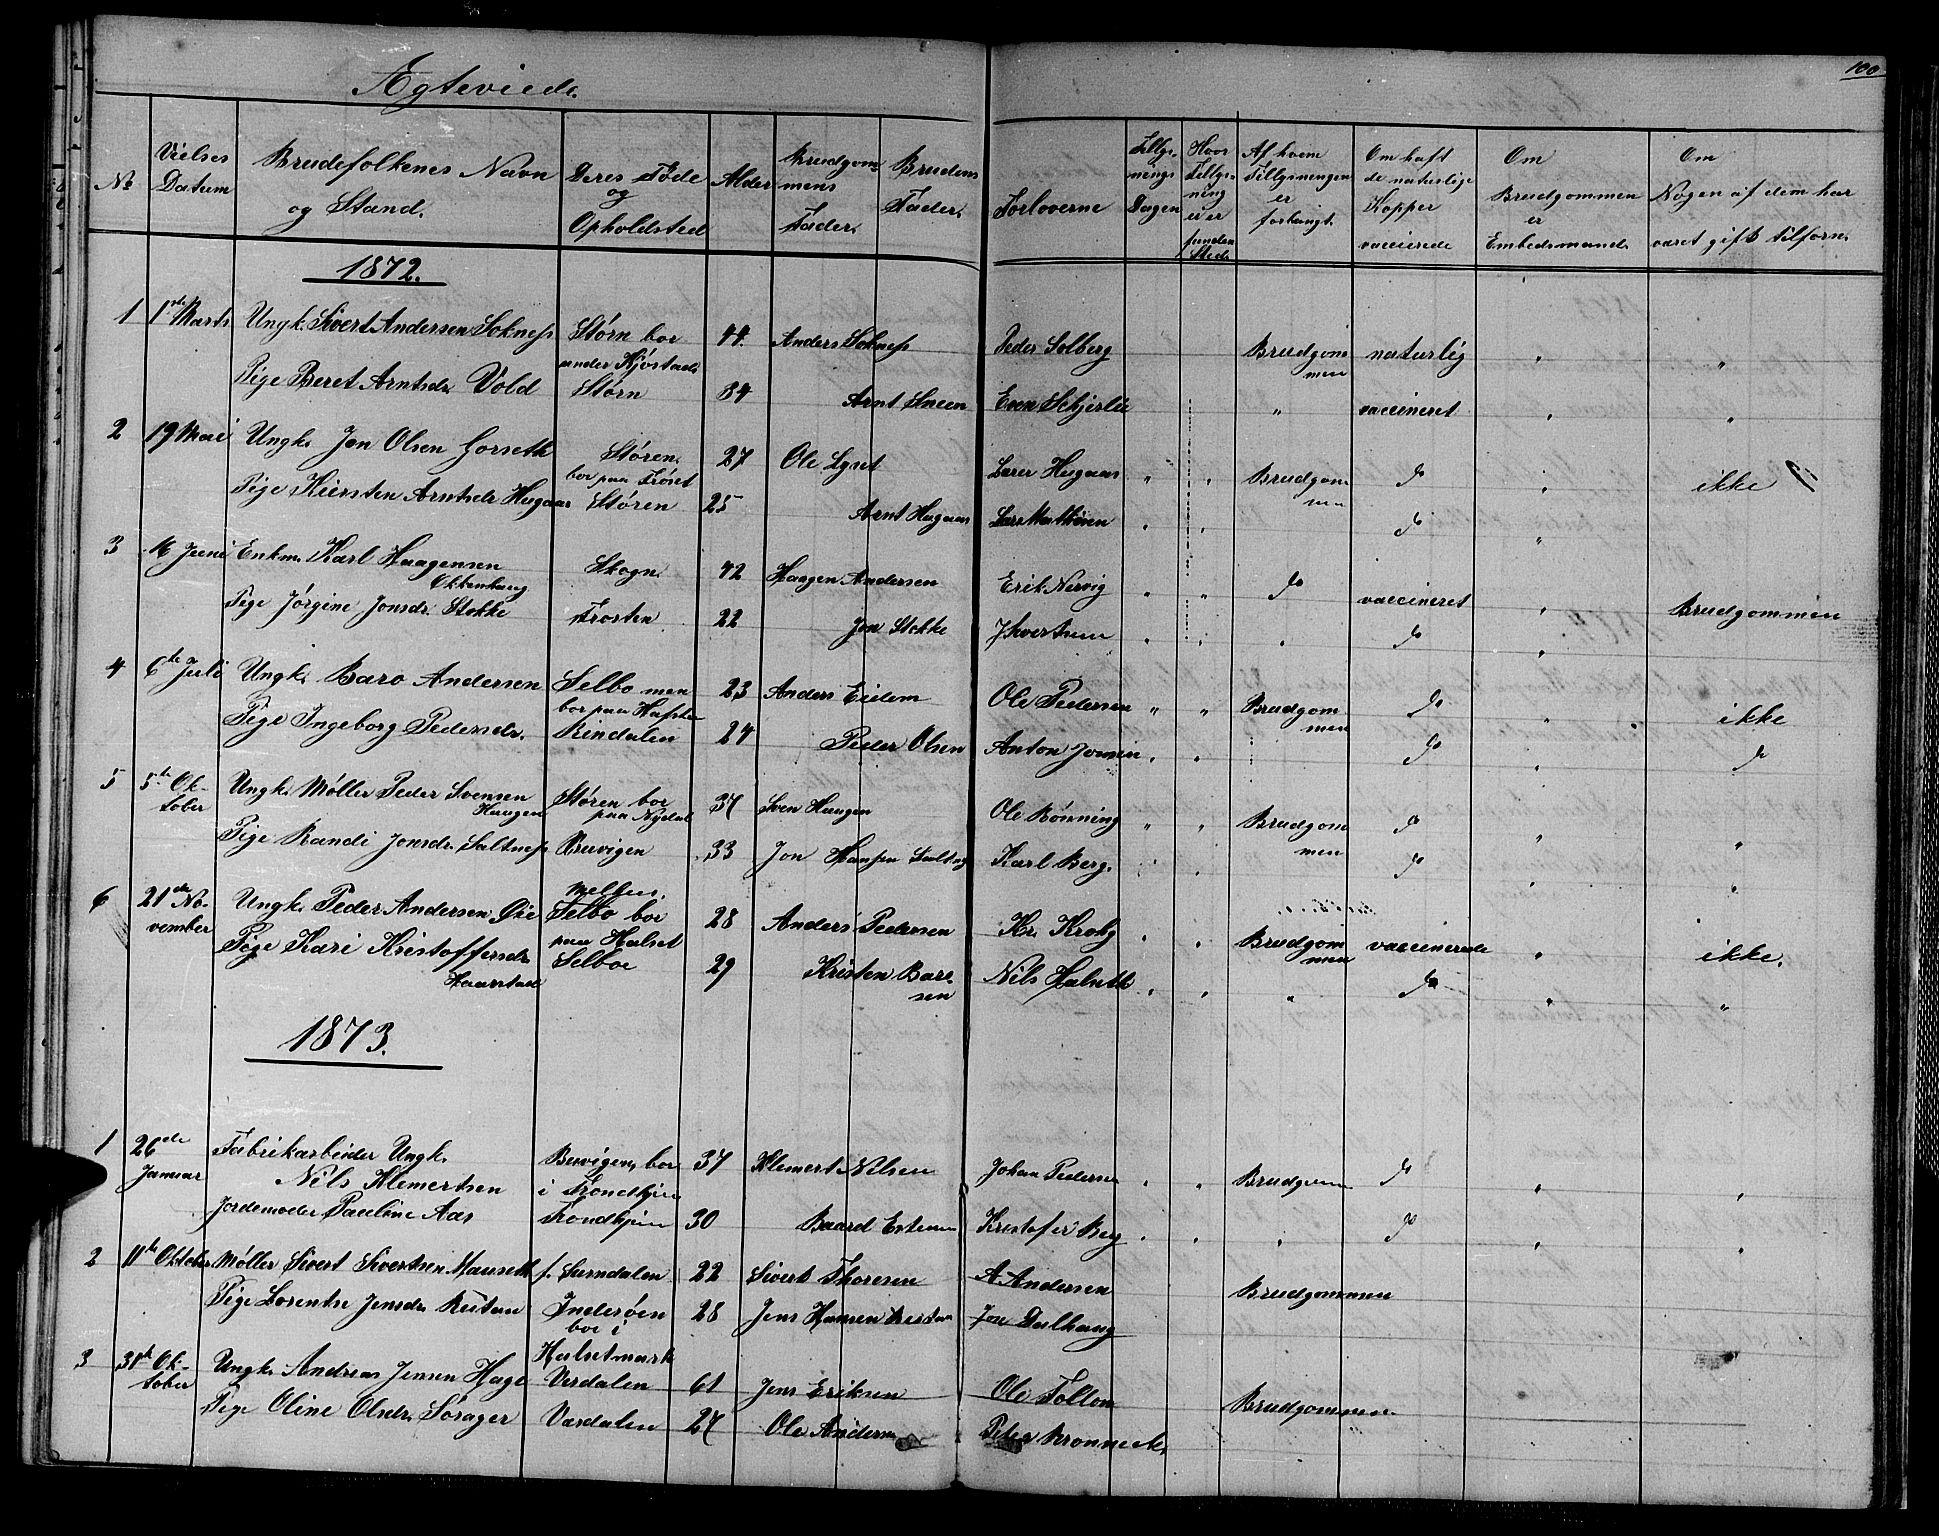 SAT, Ministerialprotokoller, klokkerbøker og fødselsregistre - Sør-Trøndelag, 611/L0353: Klokkerbok nr. 611C01, 1854-1881, s. 100